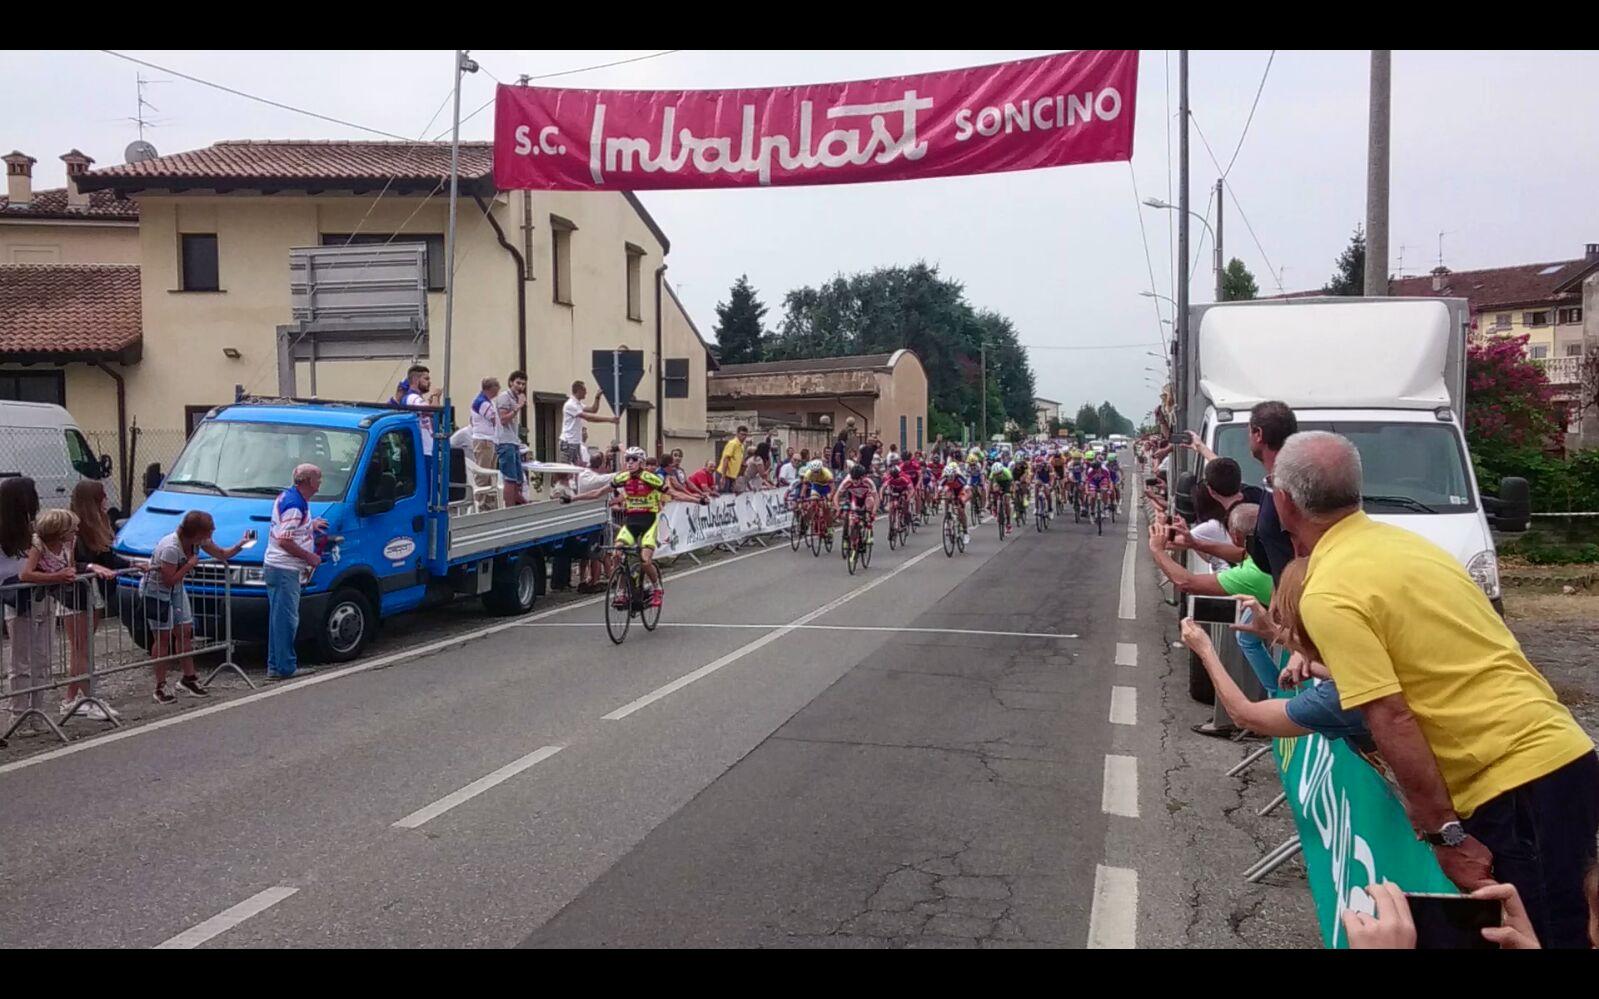 La vittoria di Gabriele Raccagni a Soncino